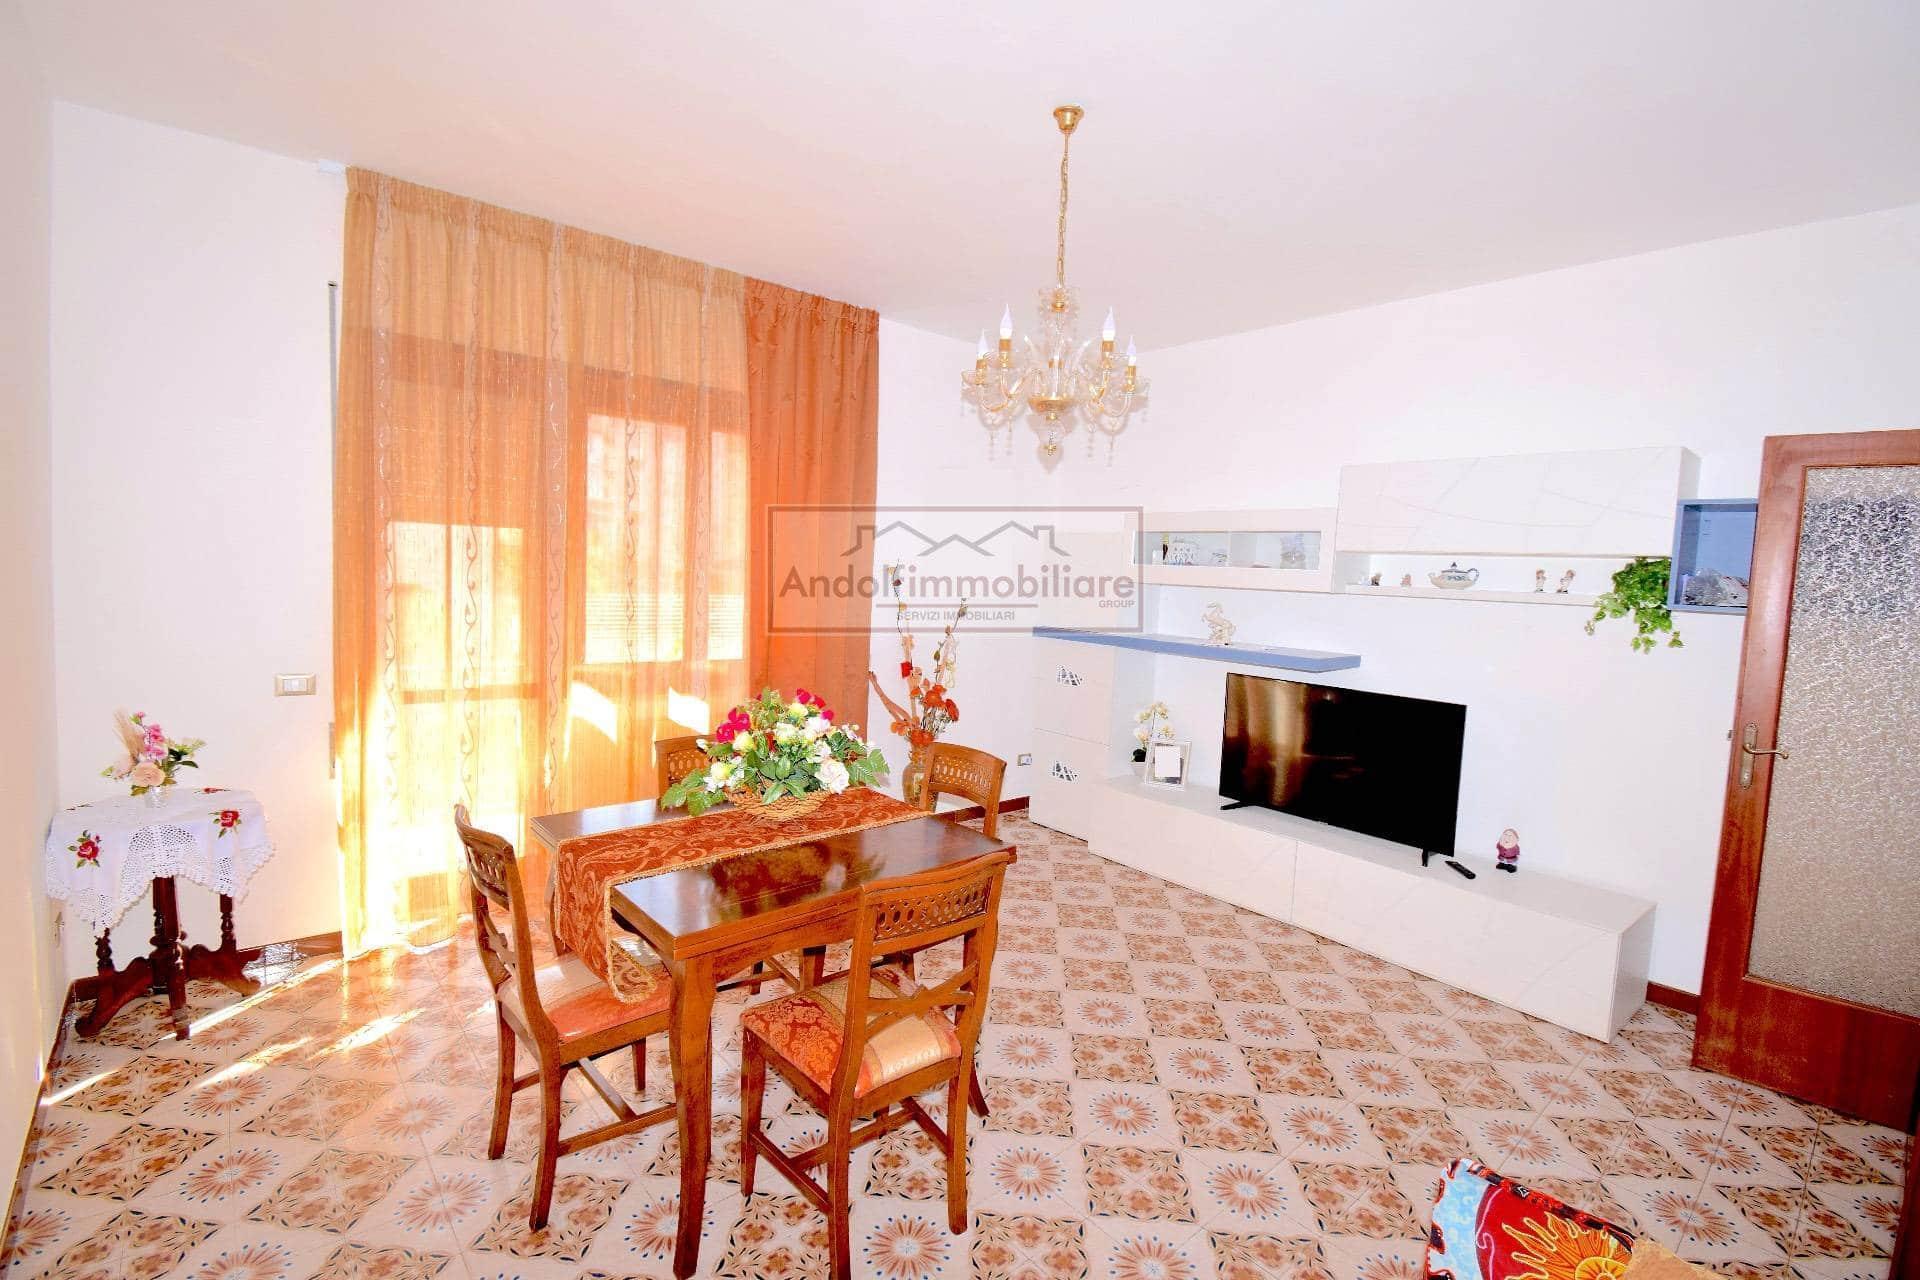 Itri zona centrale. Appartamento con garage in Vendita a Itri.